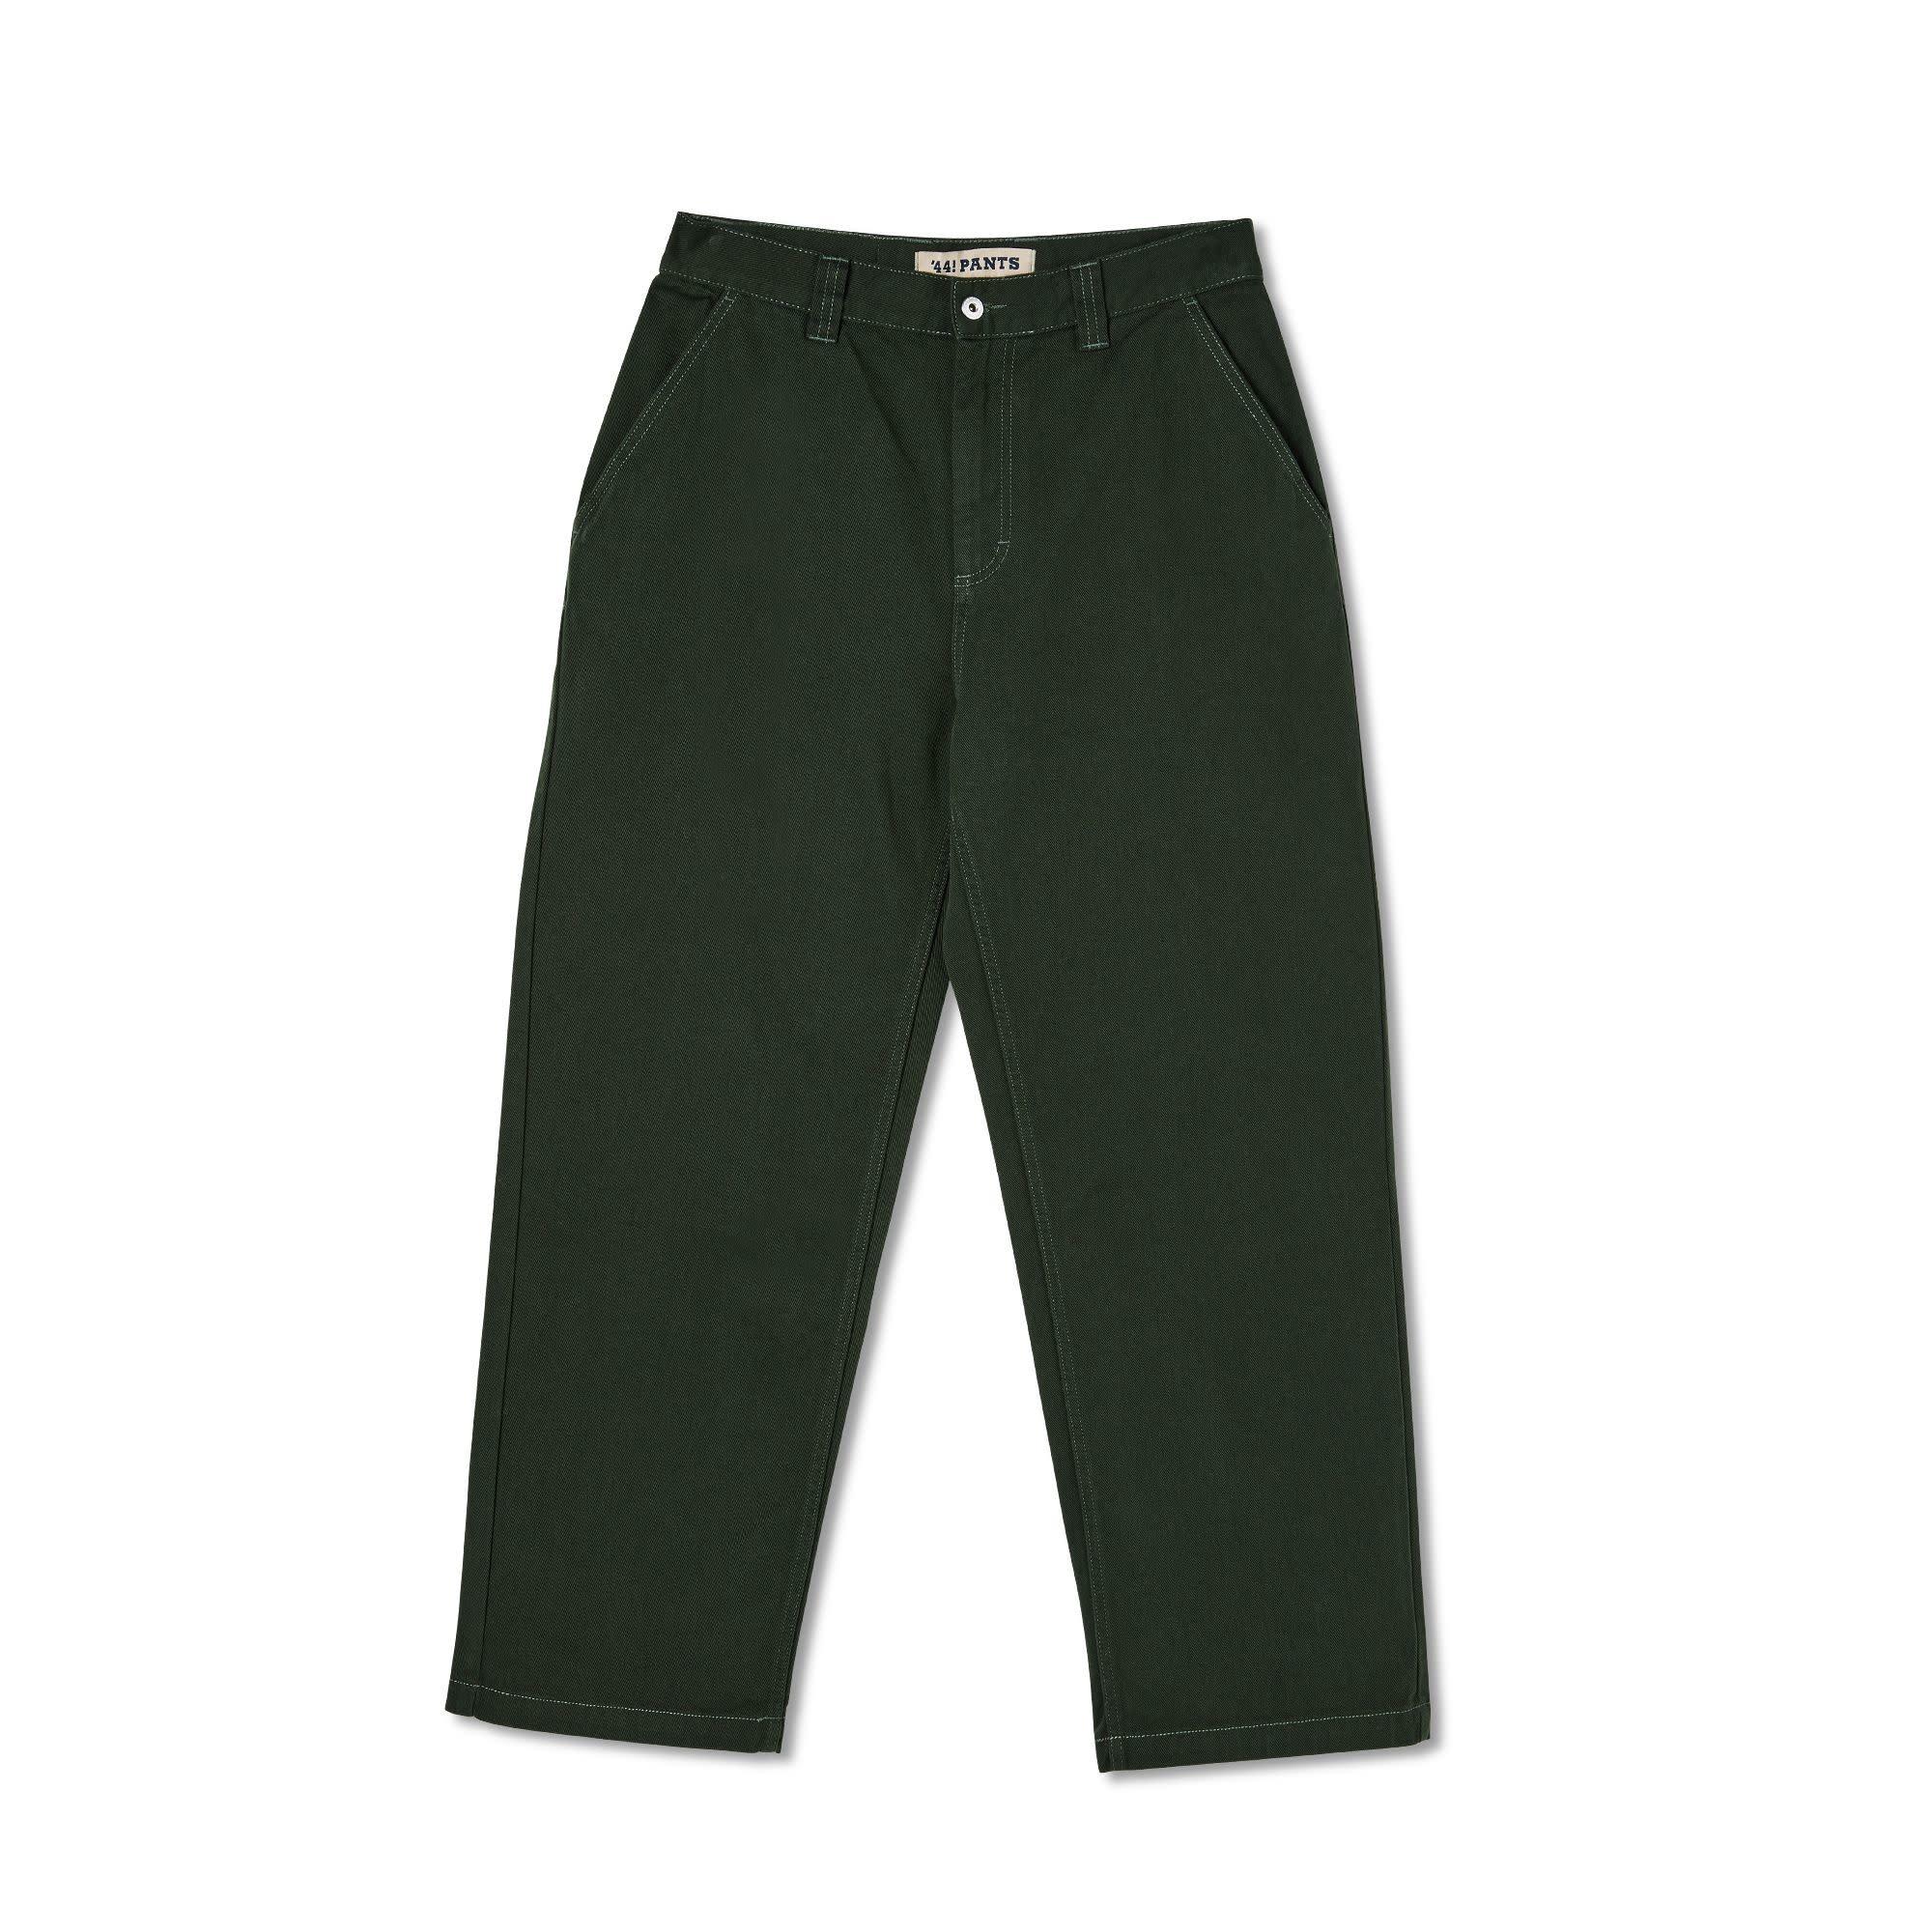 Polar Skate Co. '44 Pants Dark Olive